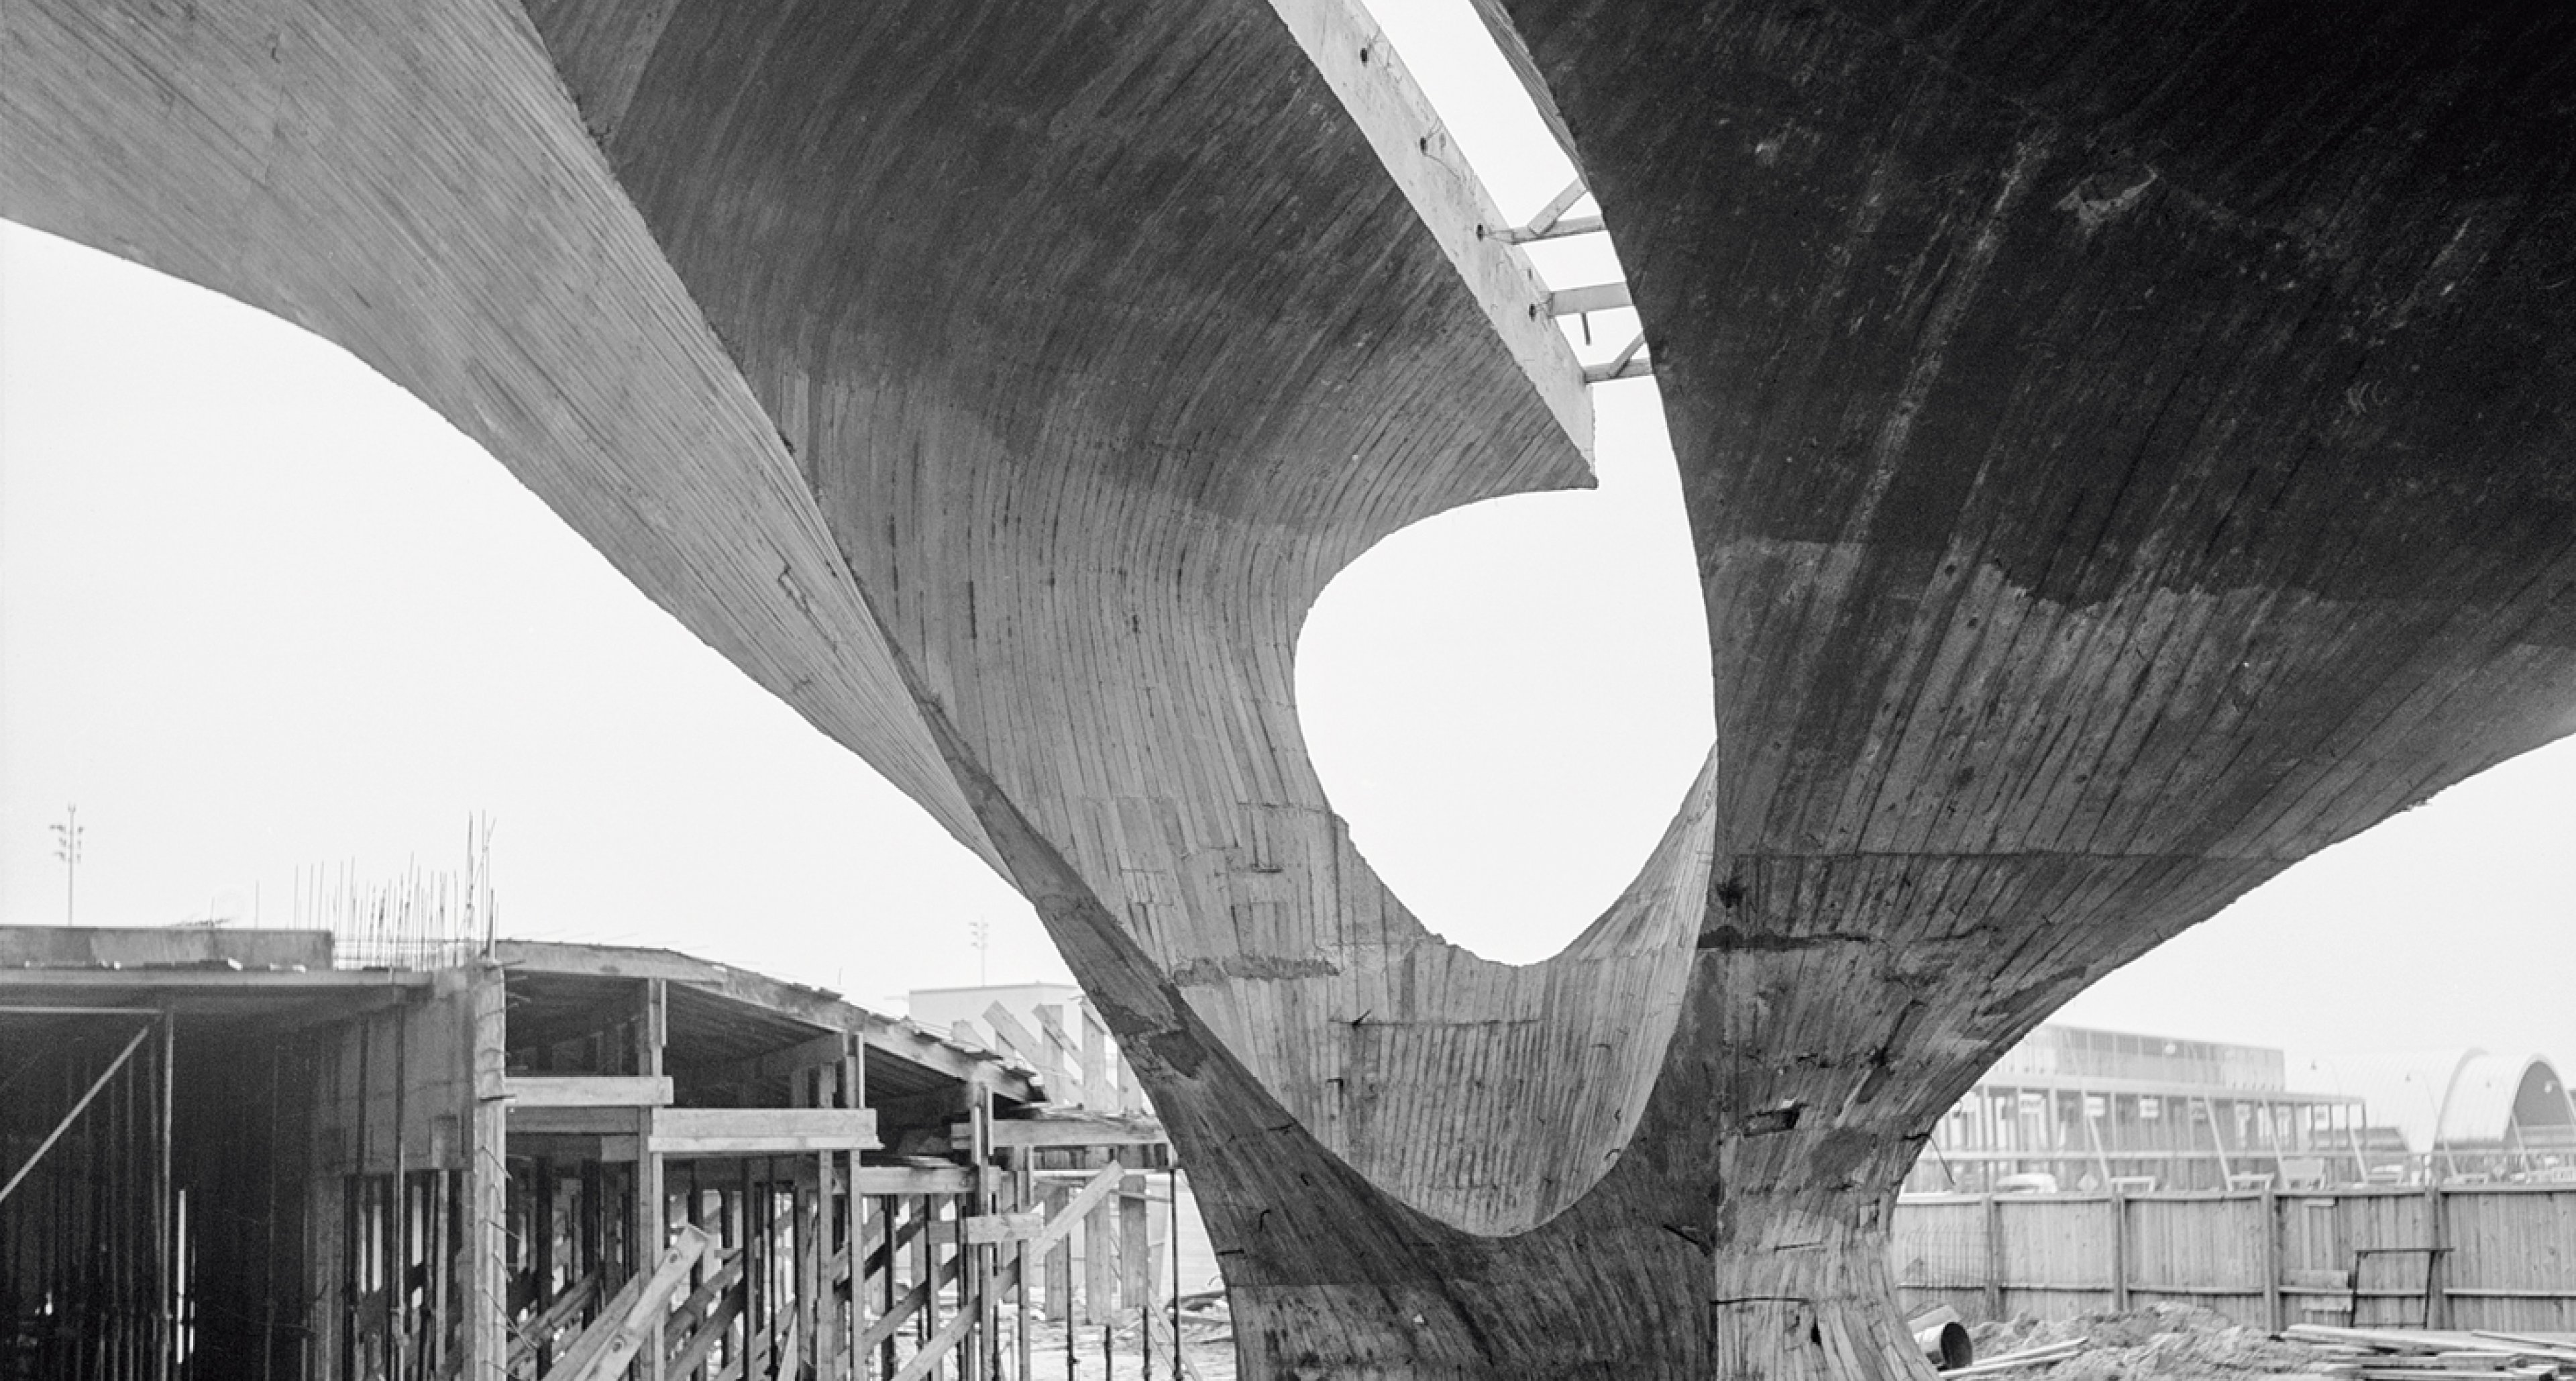 Die aufwendige Errichtung der Gewölbe und der fotogene Rohbau lösen dank zahlreicher Pressemitteilungen ein breites Medienecho aus. © Library of Congress, Prints & Photographs Division,Balthazar Korab Archive at the Library of Congress, LC-DIG-krb-00596